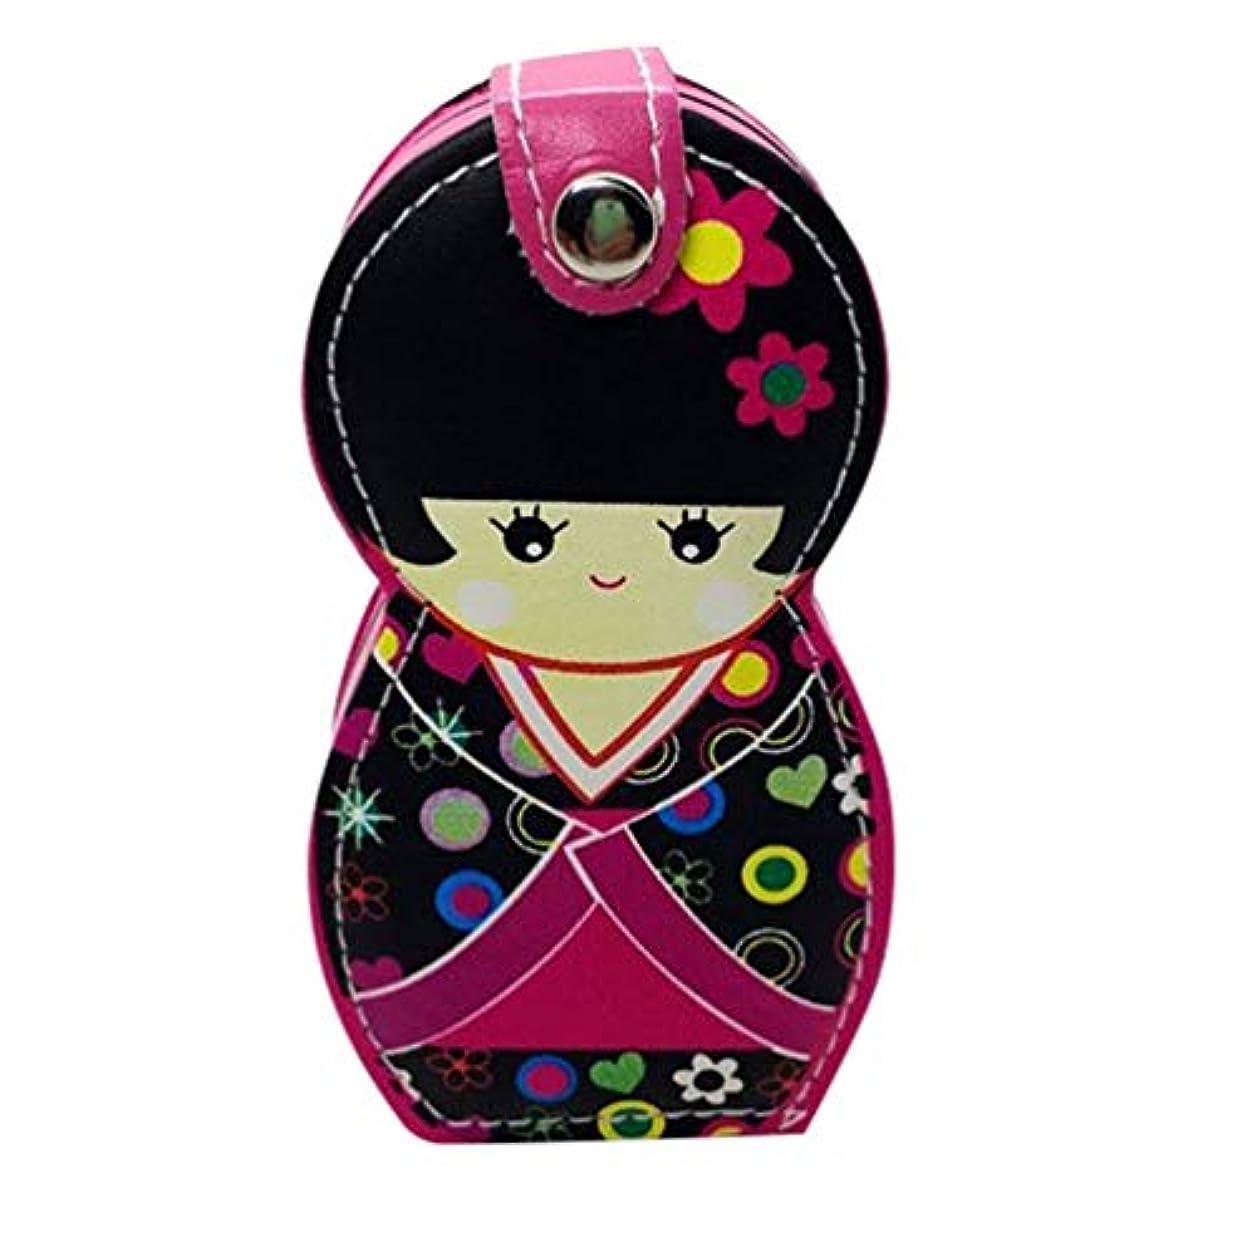 お客様近くフィードバックHongma ネイルケアセット マニキュアセット 可愛い 日本人形 ロシア人形 グルーミングキット 爪やすり 爪切りセット 携帯便利 収納ケース付き (日本人形ピンク)